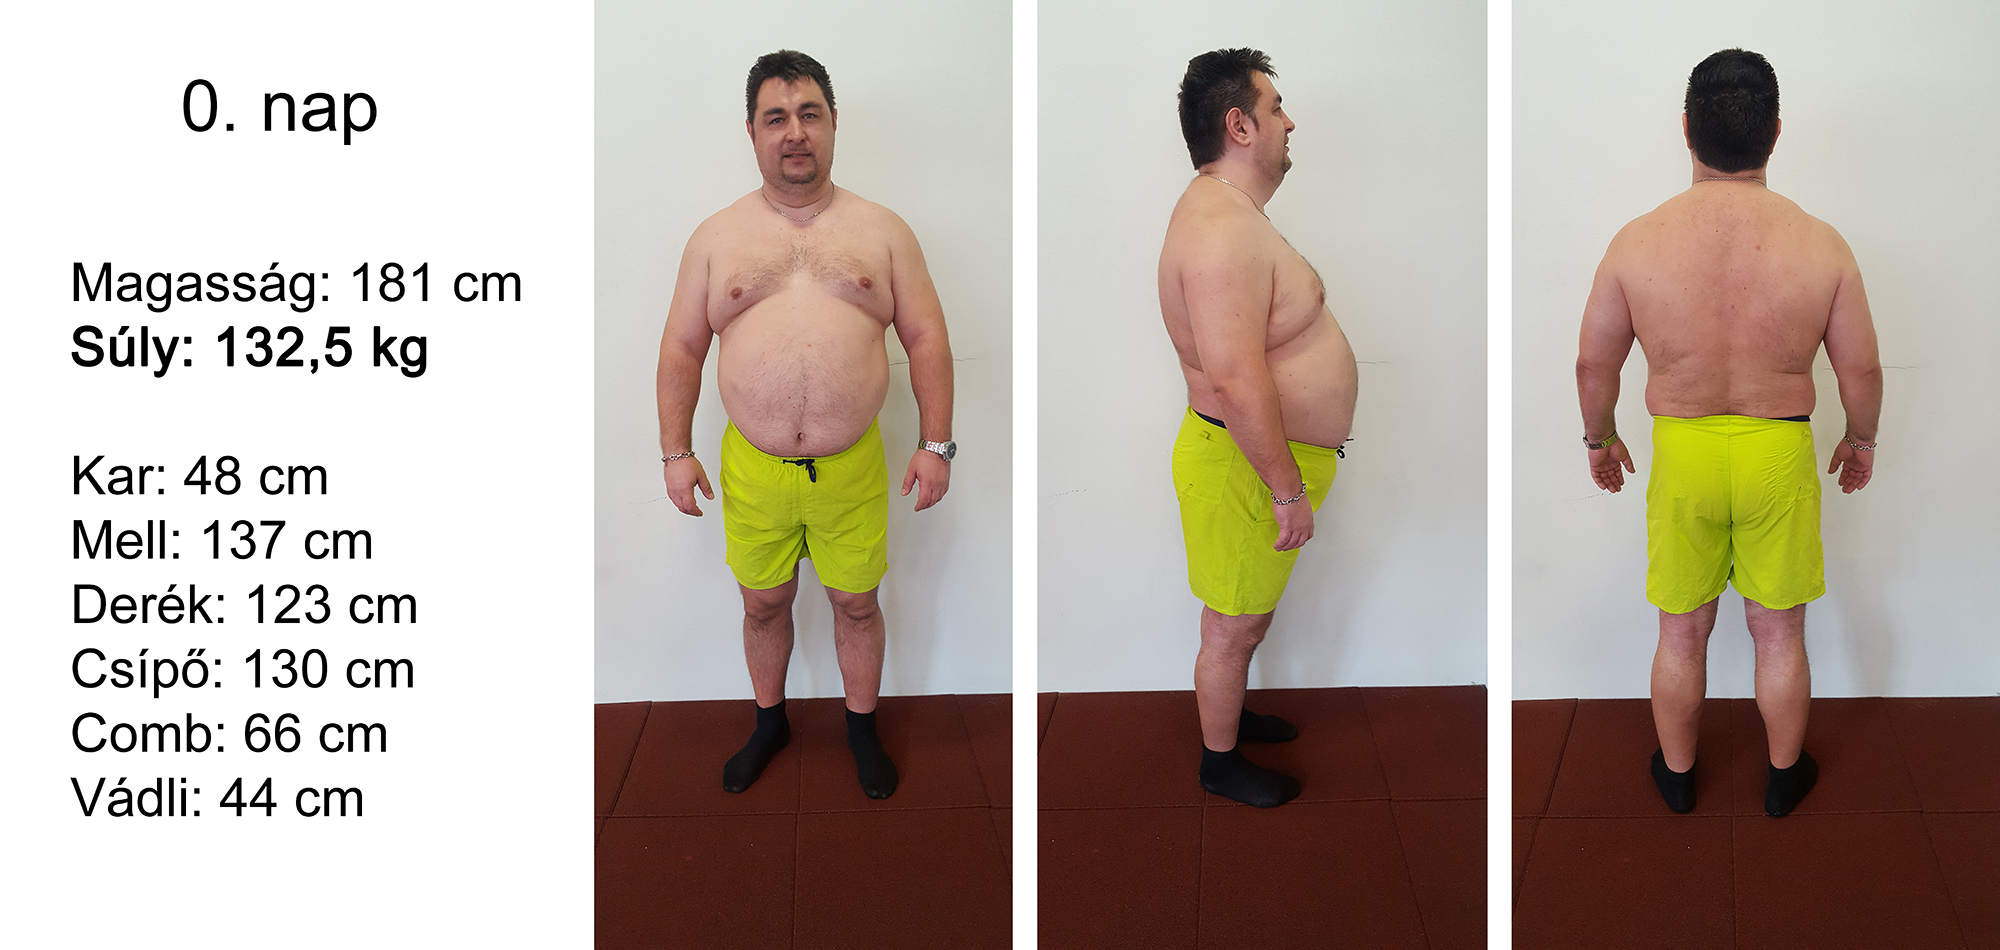 gyors fogyás diéta 1 hónap alatt